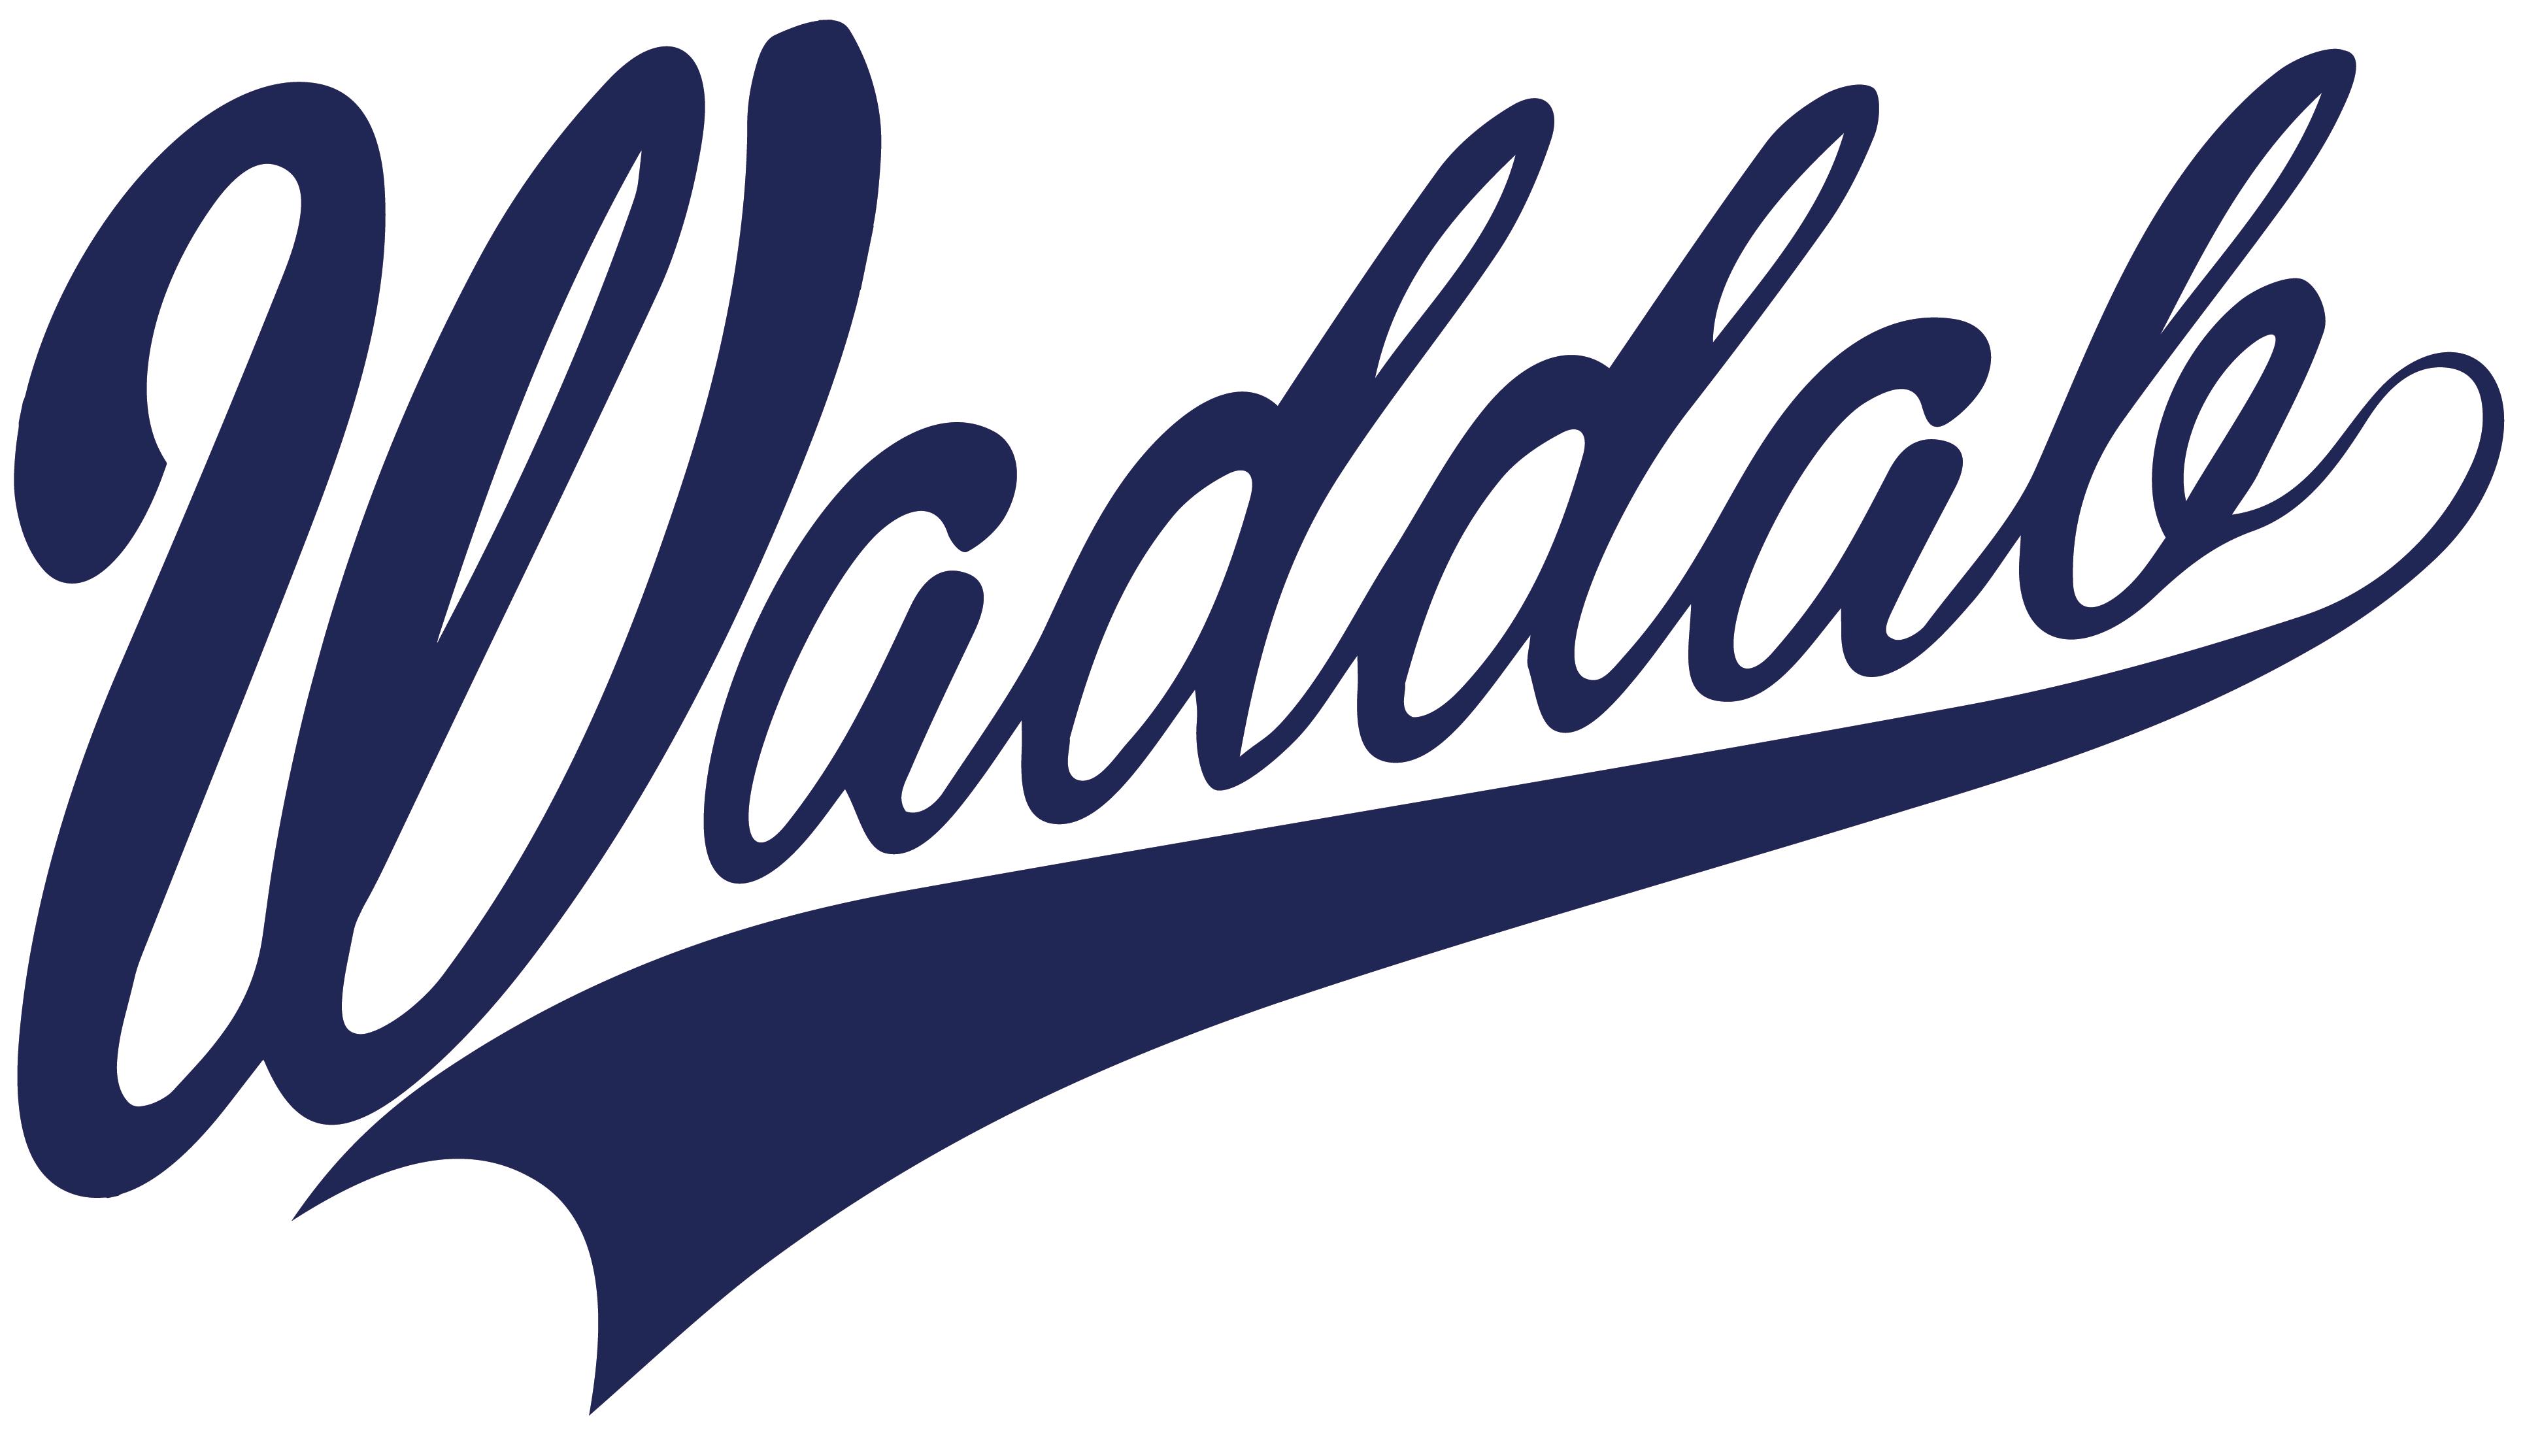 Waddab